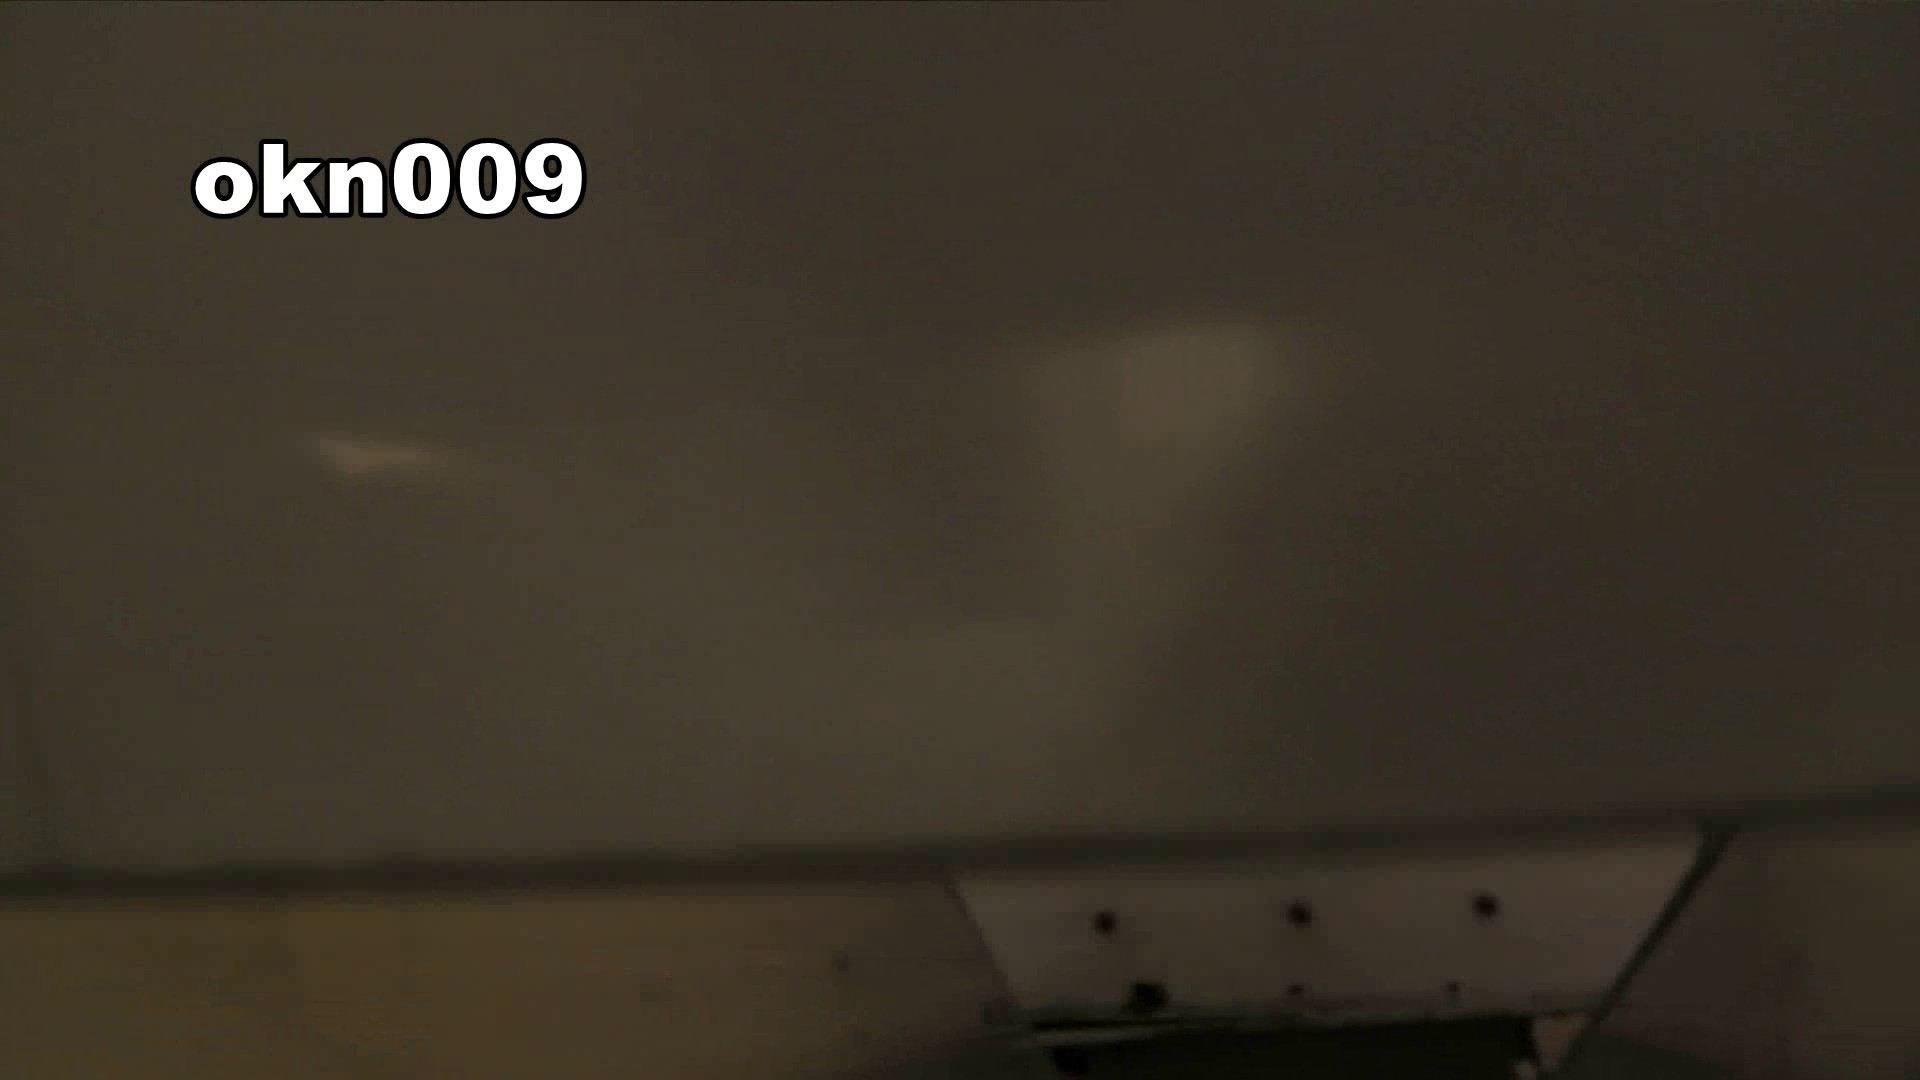 アダルトエロ動画|下からノゾム vol.009 リキンでモリアガった割にヒョロ|怪盗ジョーカー